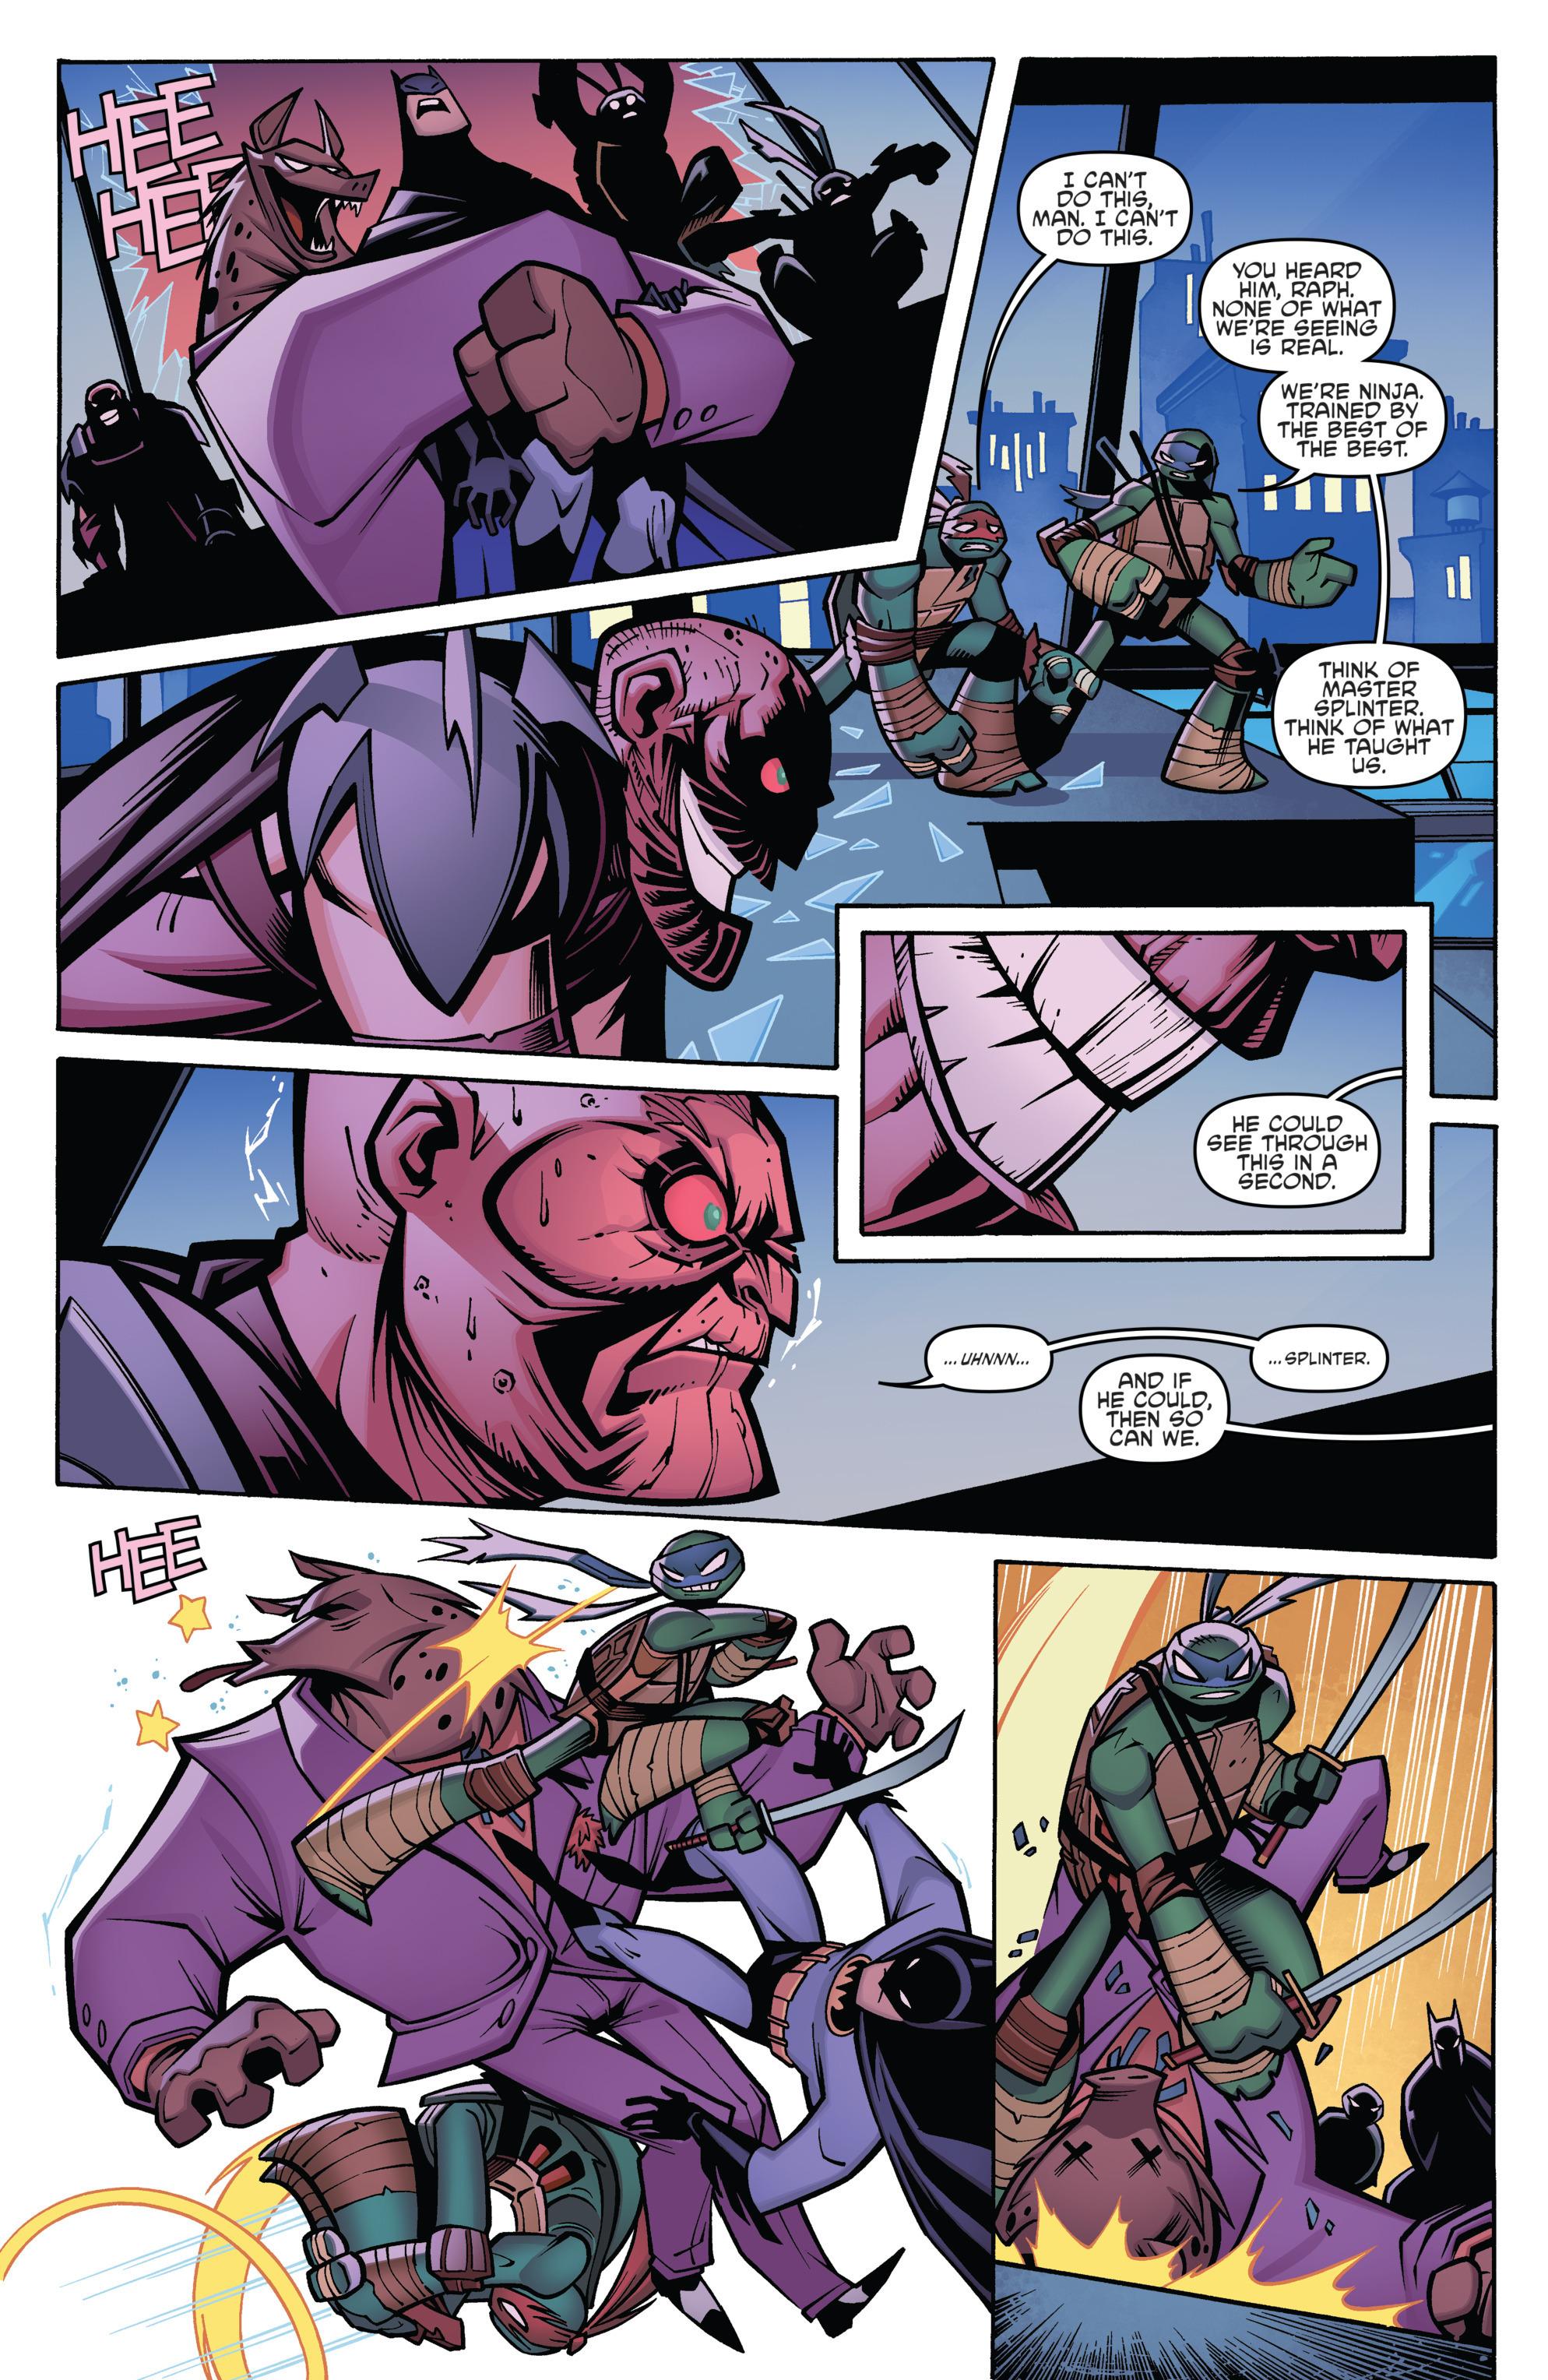 Read online Batman/Teenage Mutant Ninja Turtles Adventure comic -  Issue #4 - 19